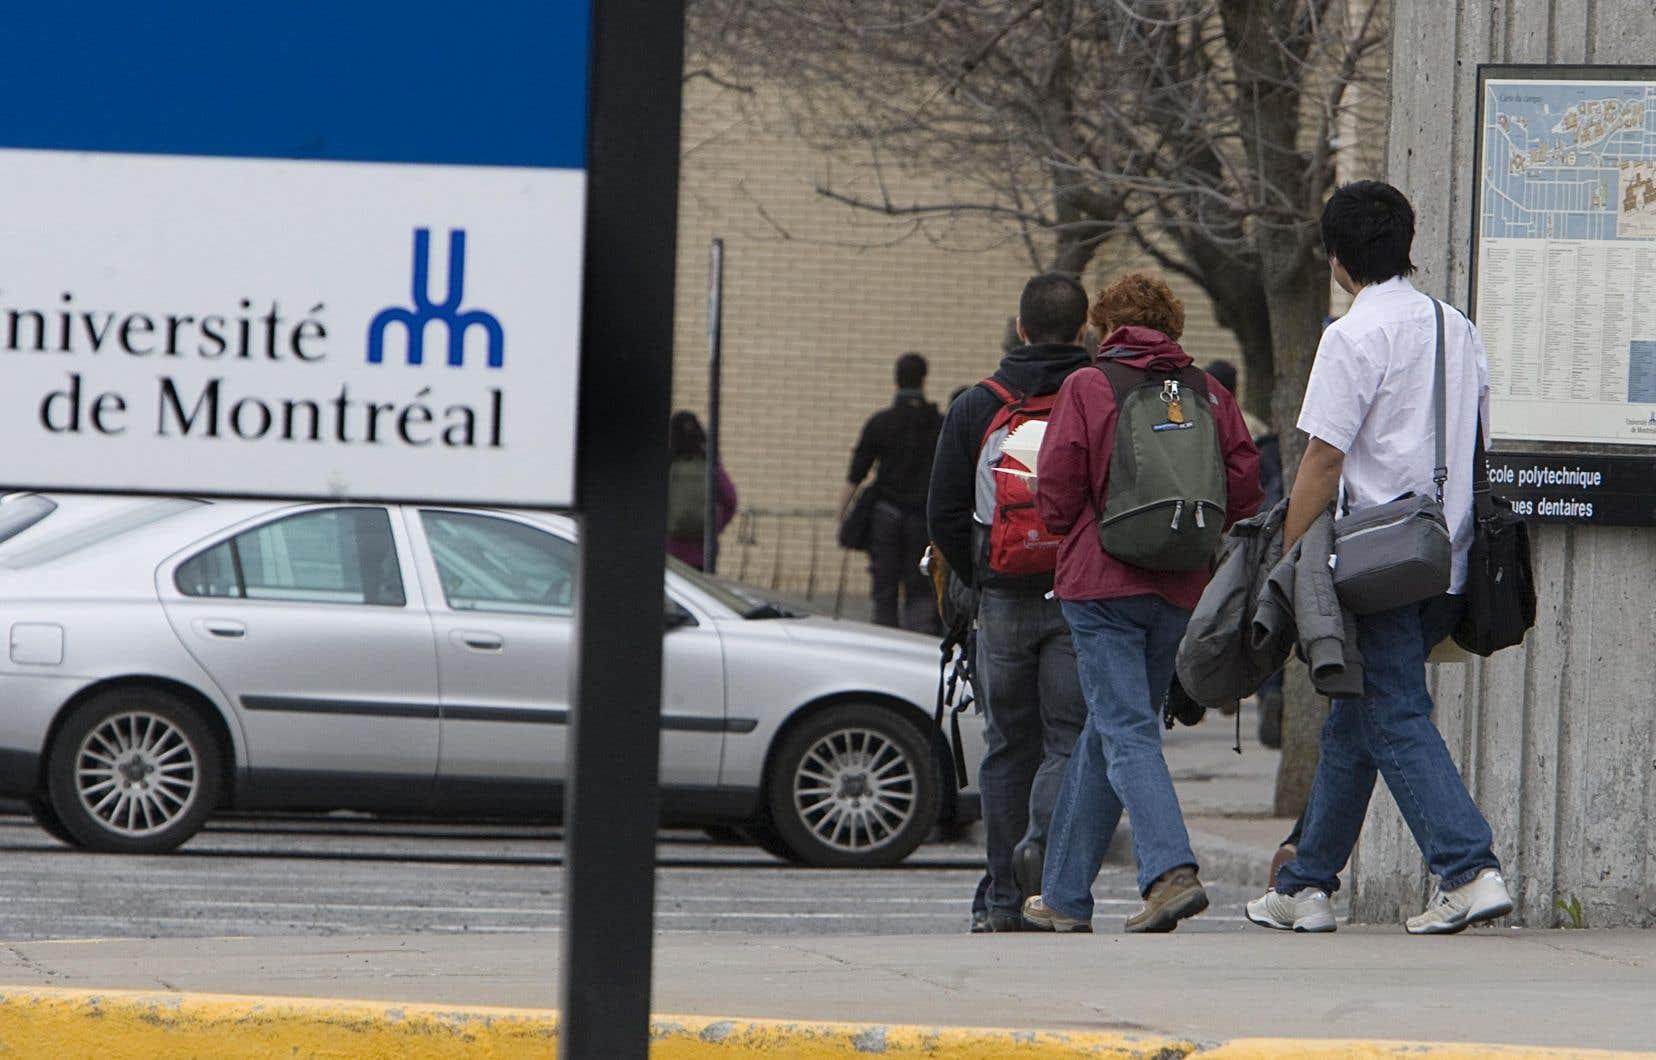 La direction de l'Université de Montréal est sûre de pouvoir instaurer sa politique pour combattre et prévenir les violences sexuelles avant le 1erjanvier 2019.